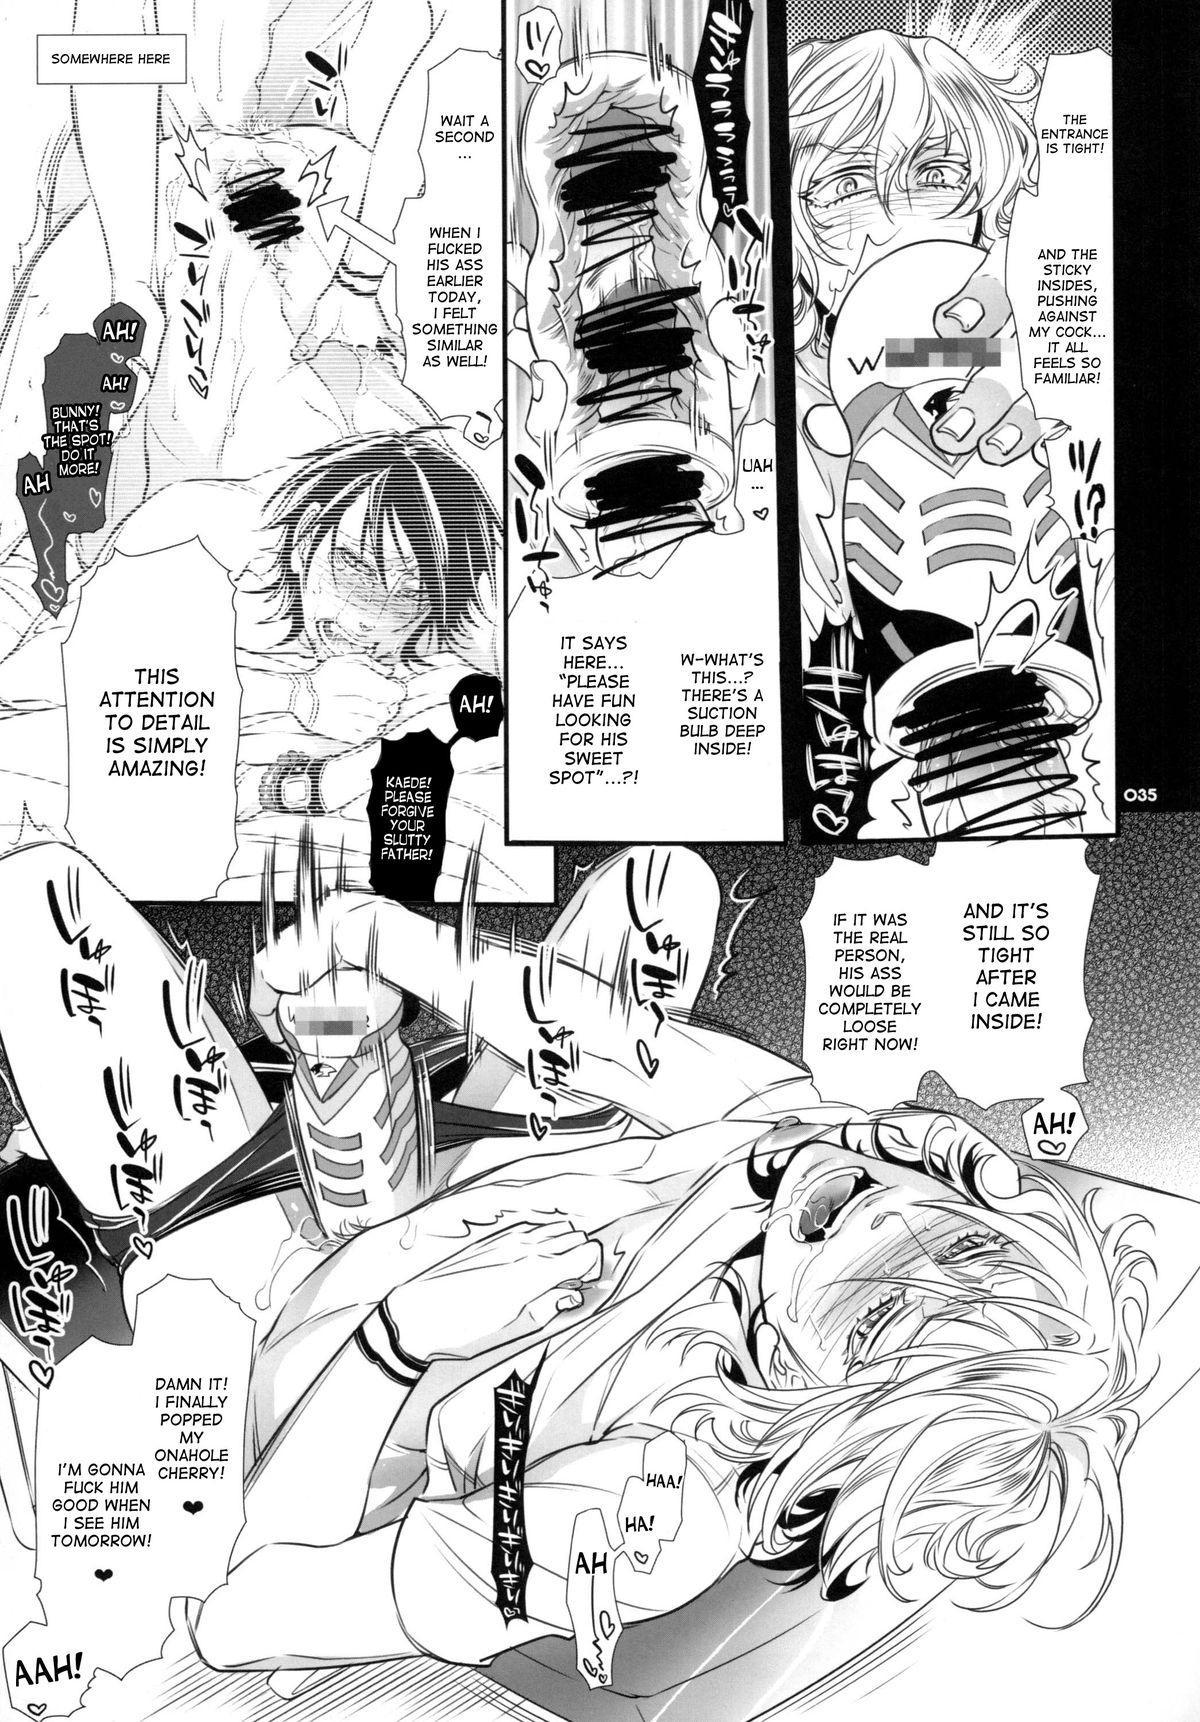 (GONEXT! 4) [Sadistic Mary (Hattori Mitsuka)] Moshimo Oji-san no Sponsor ga Kikan Gentei de Toaru Onahole Maker ni Natta to   What if the Oji-san's sponsor is an onahole maker for a certain time (TIGER & BUNNY) [English] [desudesu] 33